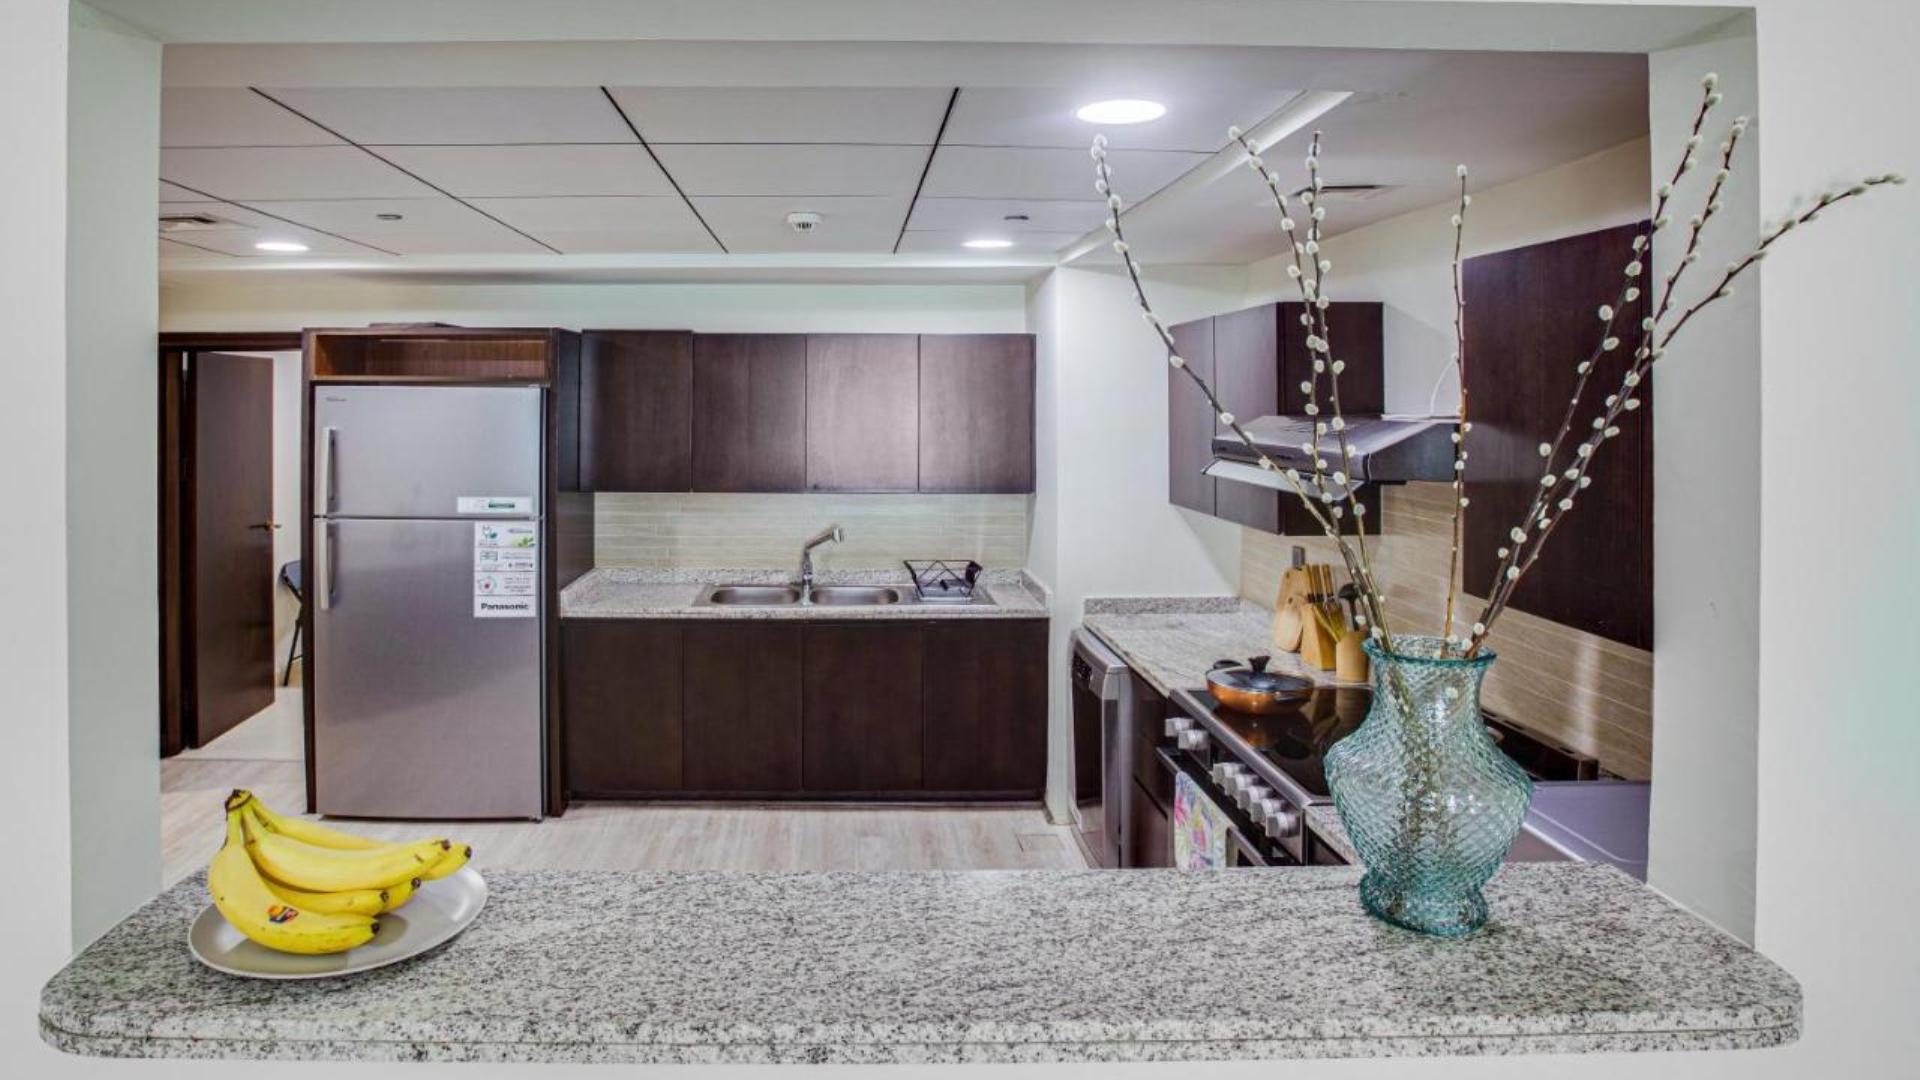 Adosado en venta en Dubai, EAU, 4 dormitorios, 770 m2, № 24471 – foto 4